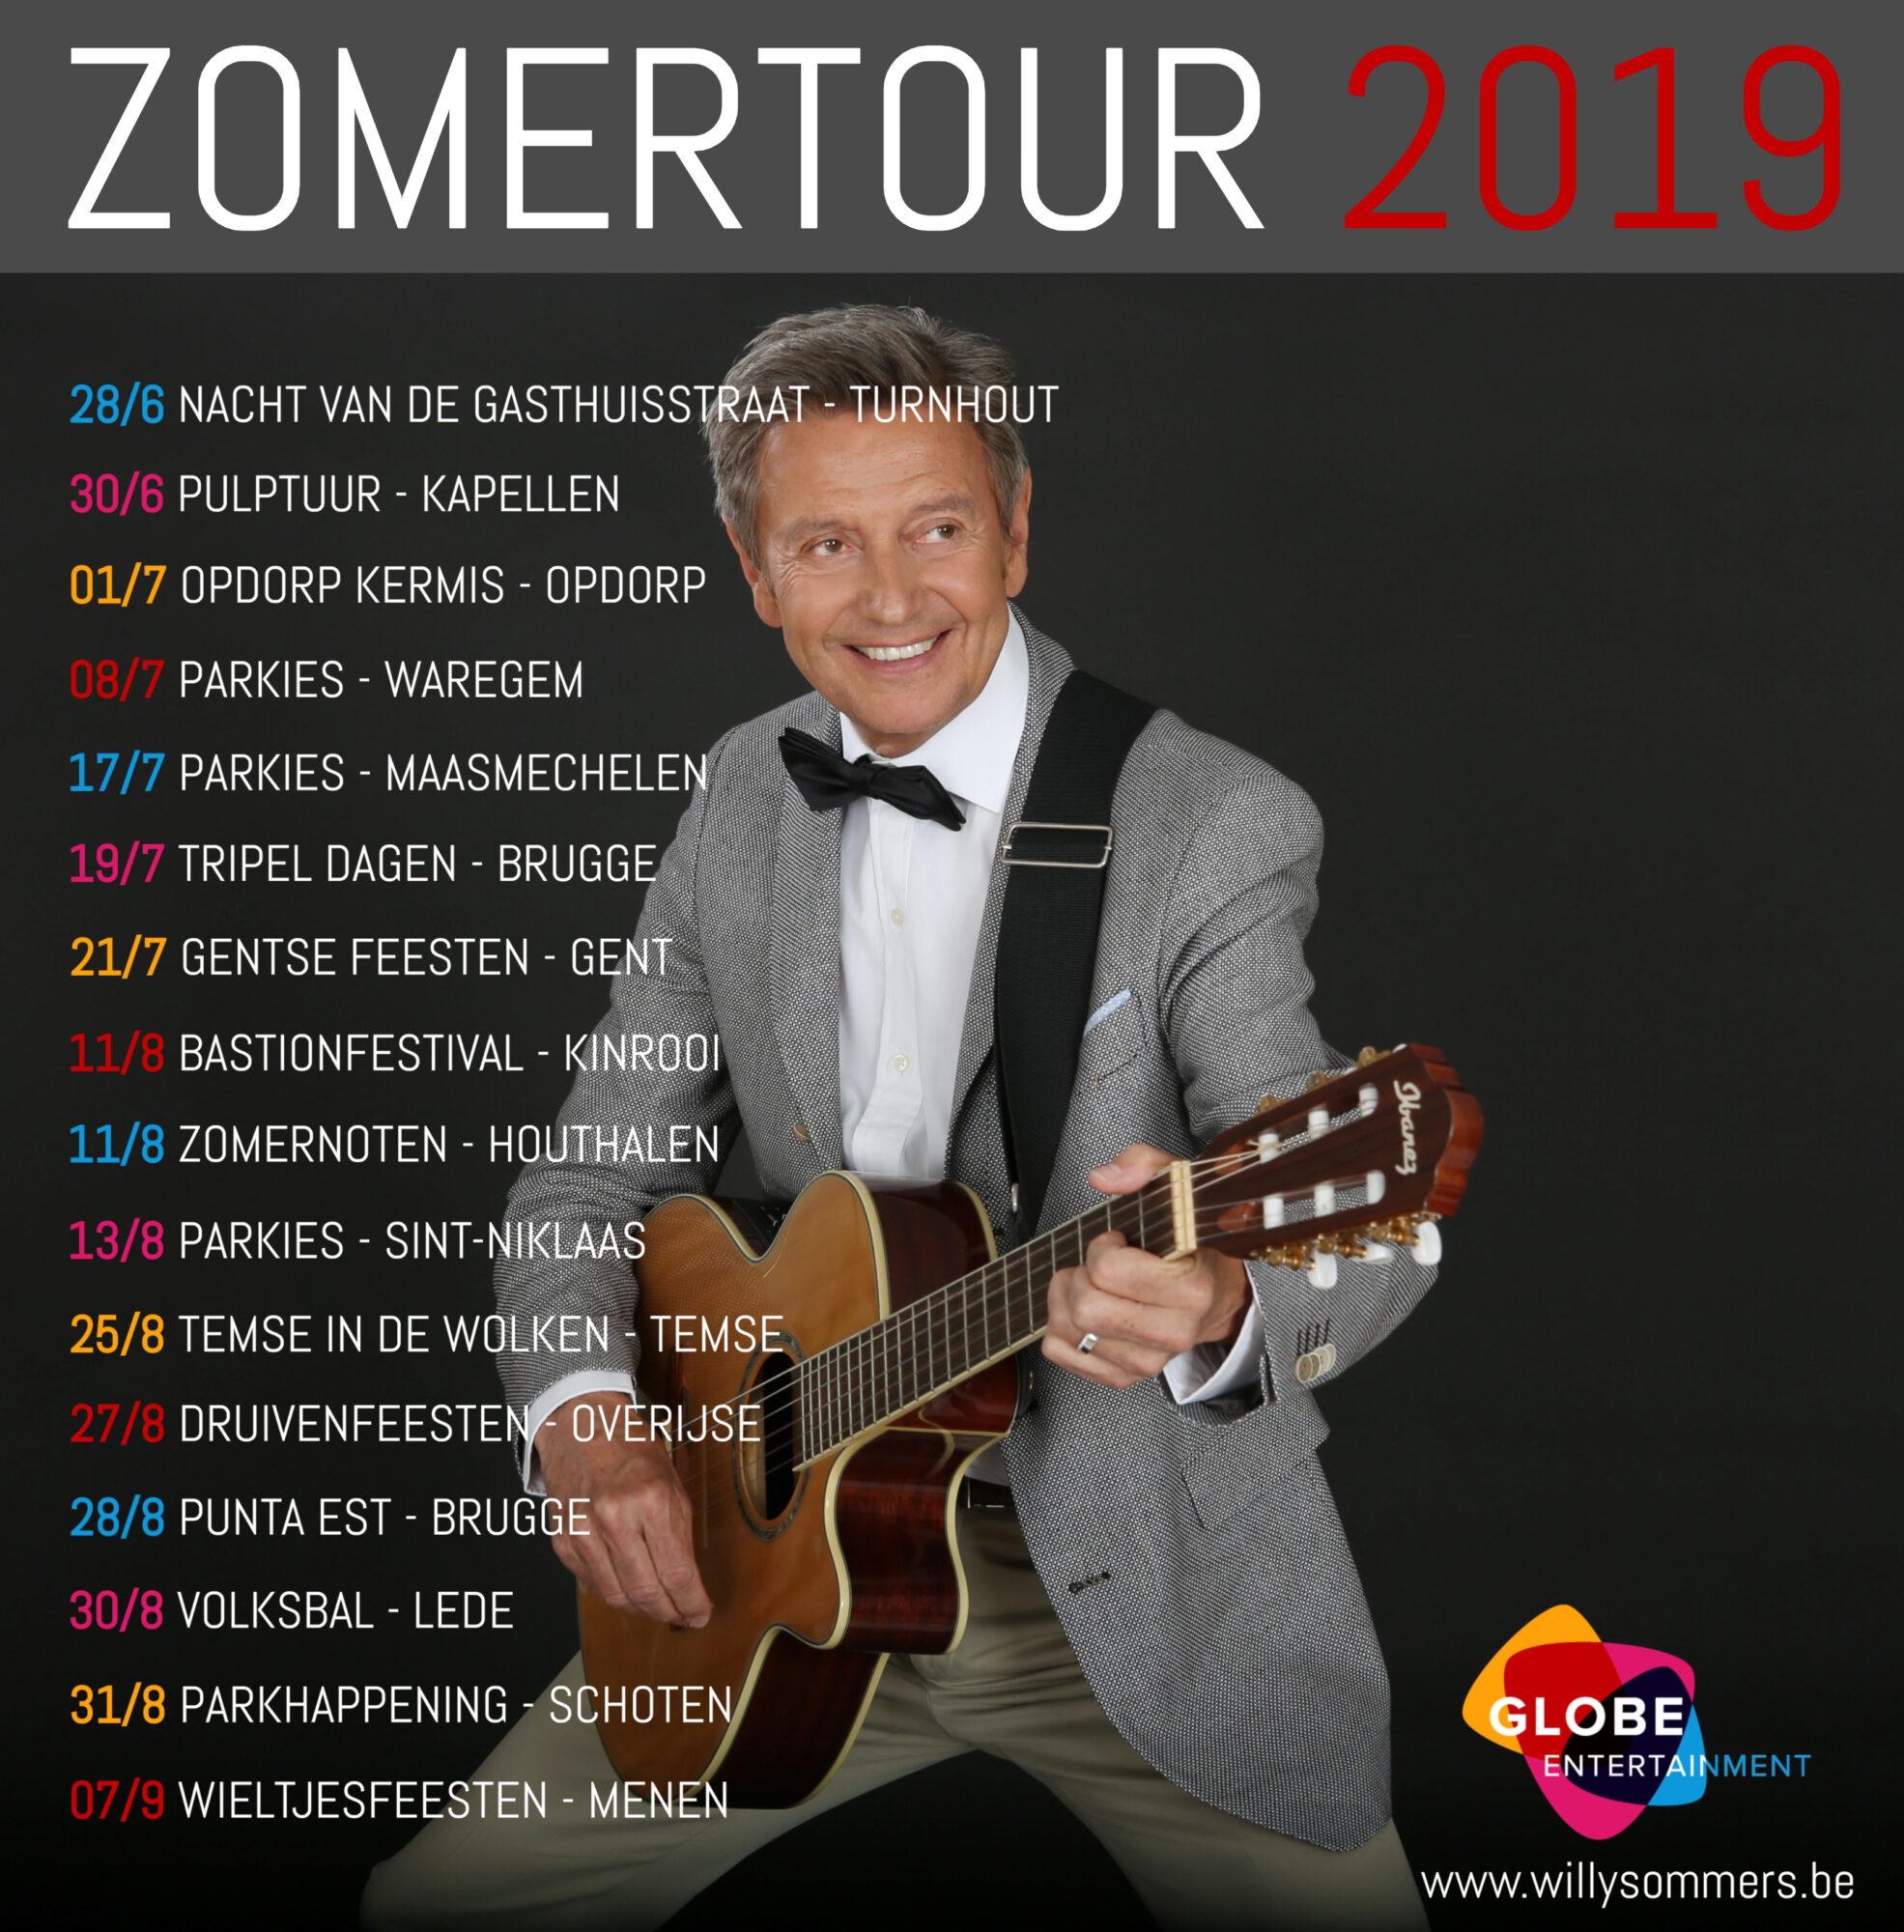 Zomertour 2019 1